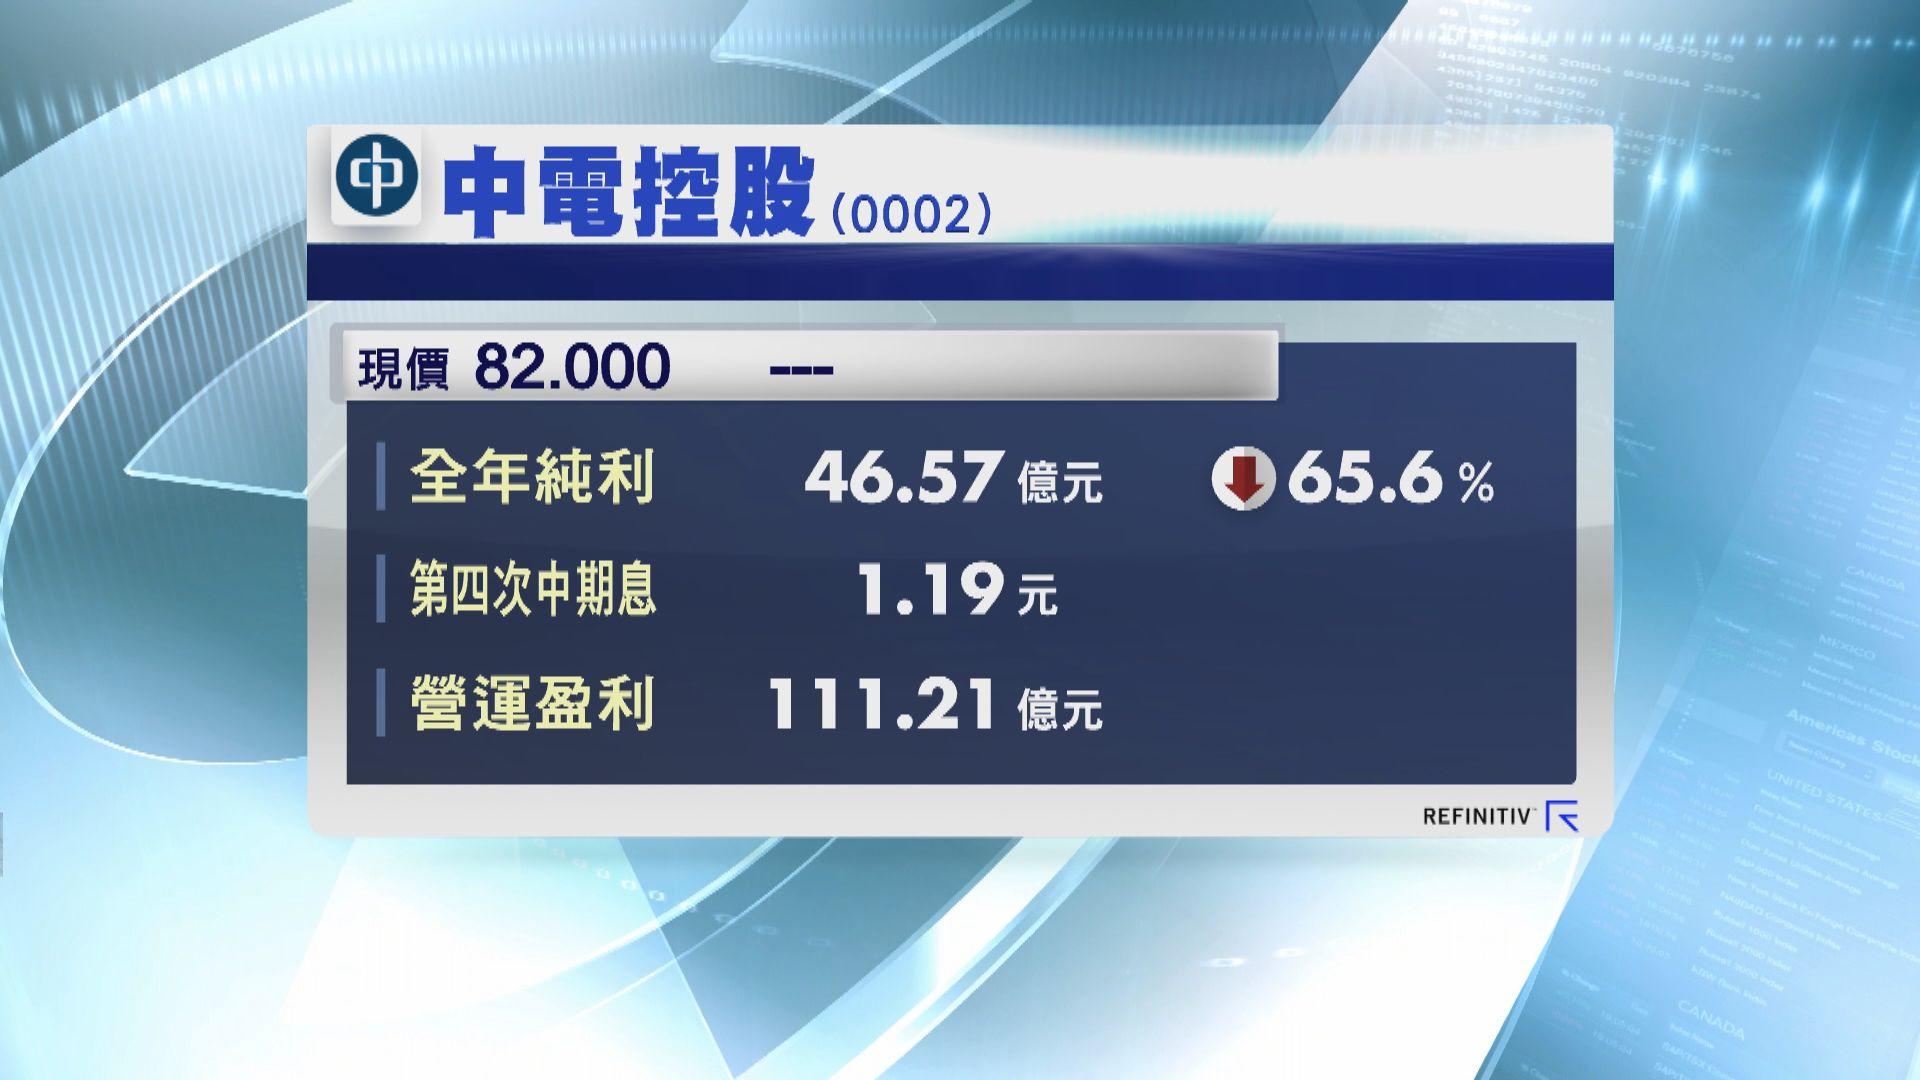 【業績速遞】中電去年少賺65% 營運盈利跌兩成